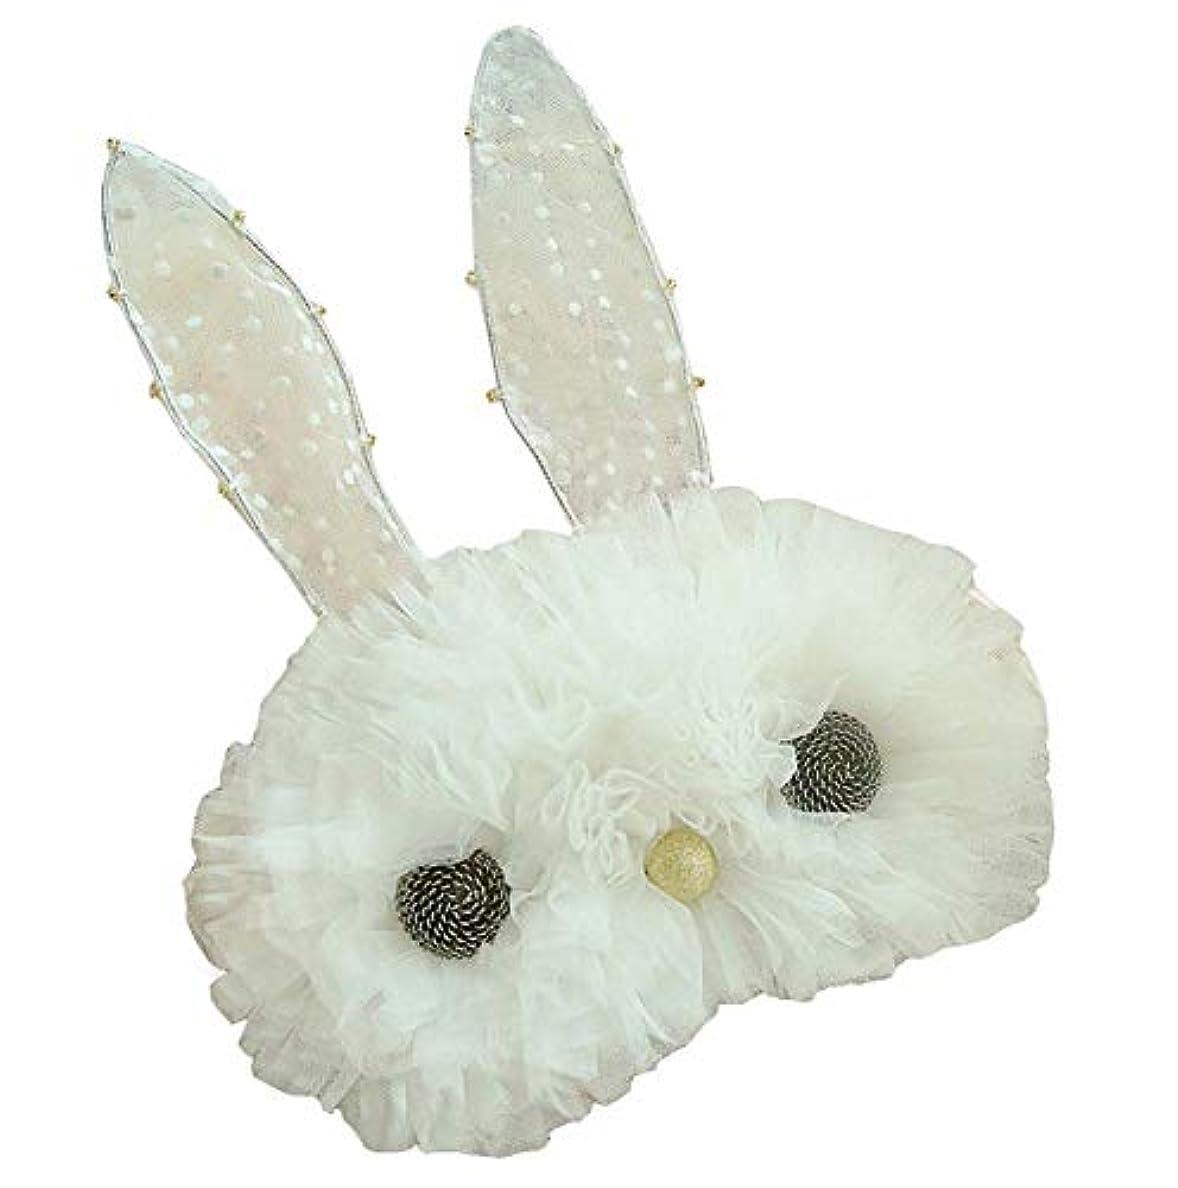 むしゃむしゃファックス変化する白くかわいいウサギの睡眠の目マスクの柔らかい目隠しの睡眠のマスクの家の睡眠旅行のための目カバー